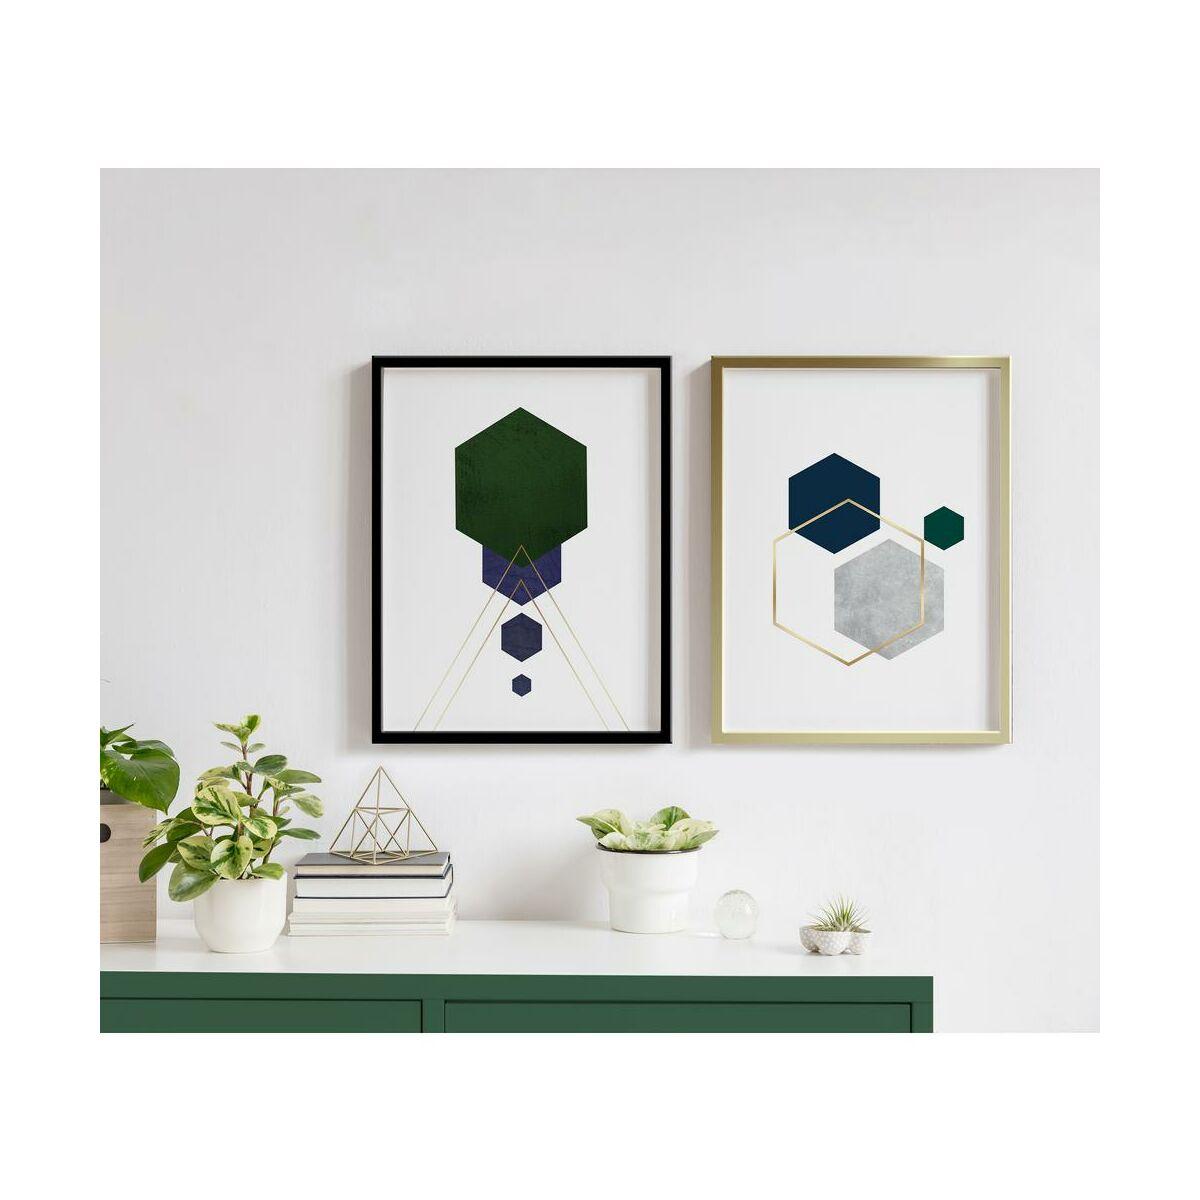 Obraz Hexagon 30 X 40 Cm Obrazy Kanwy W Atrakcyjnej Cenie W Sklepach Leroy Merlin